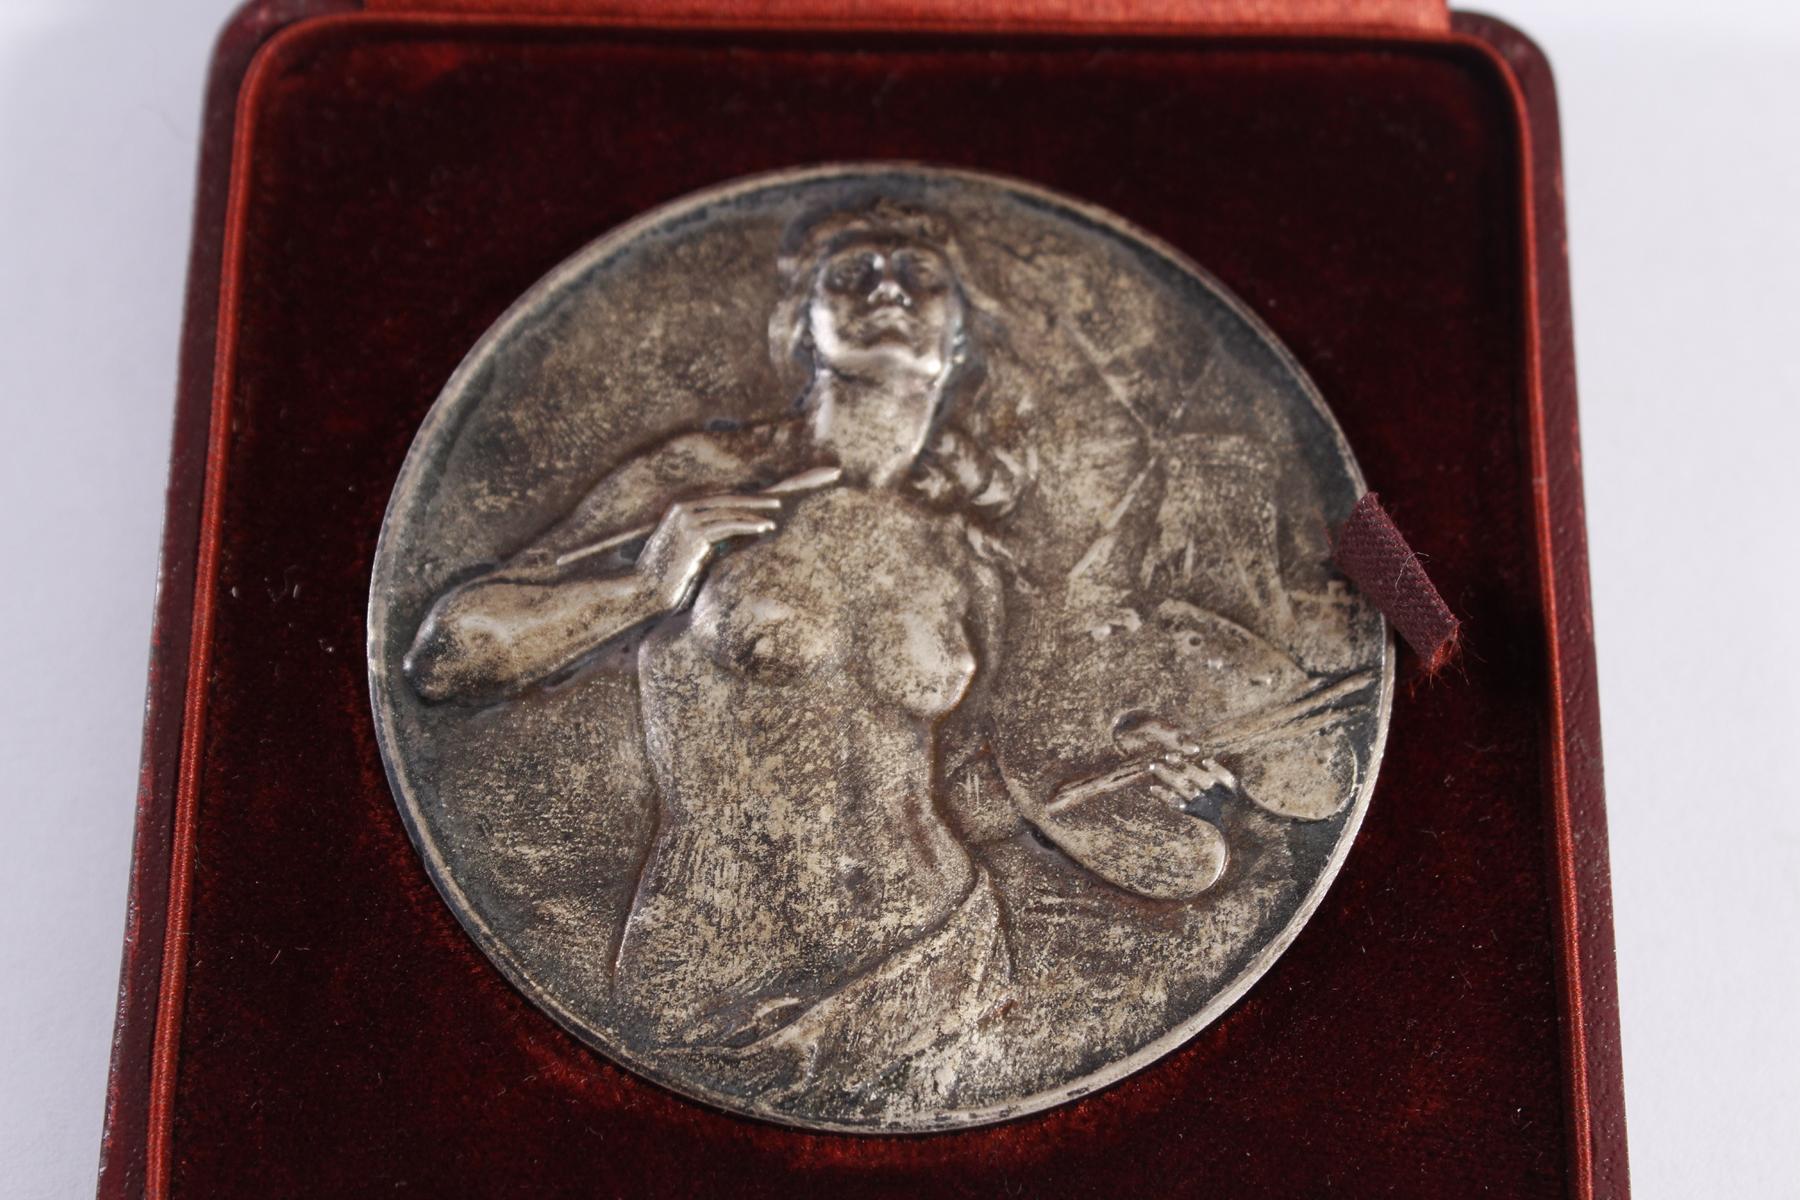 Jugendstil-Medaille Verein Bildender Künstler Karlsruhe-2